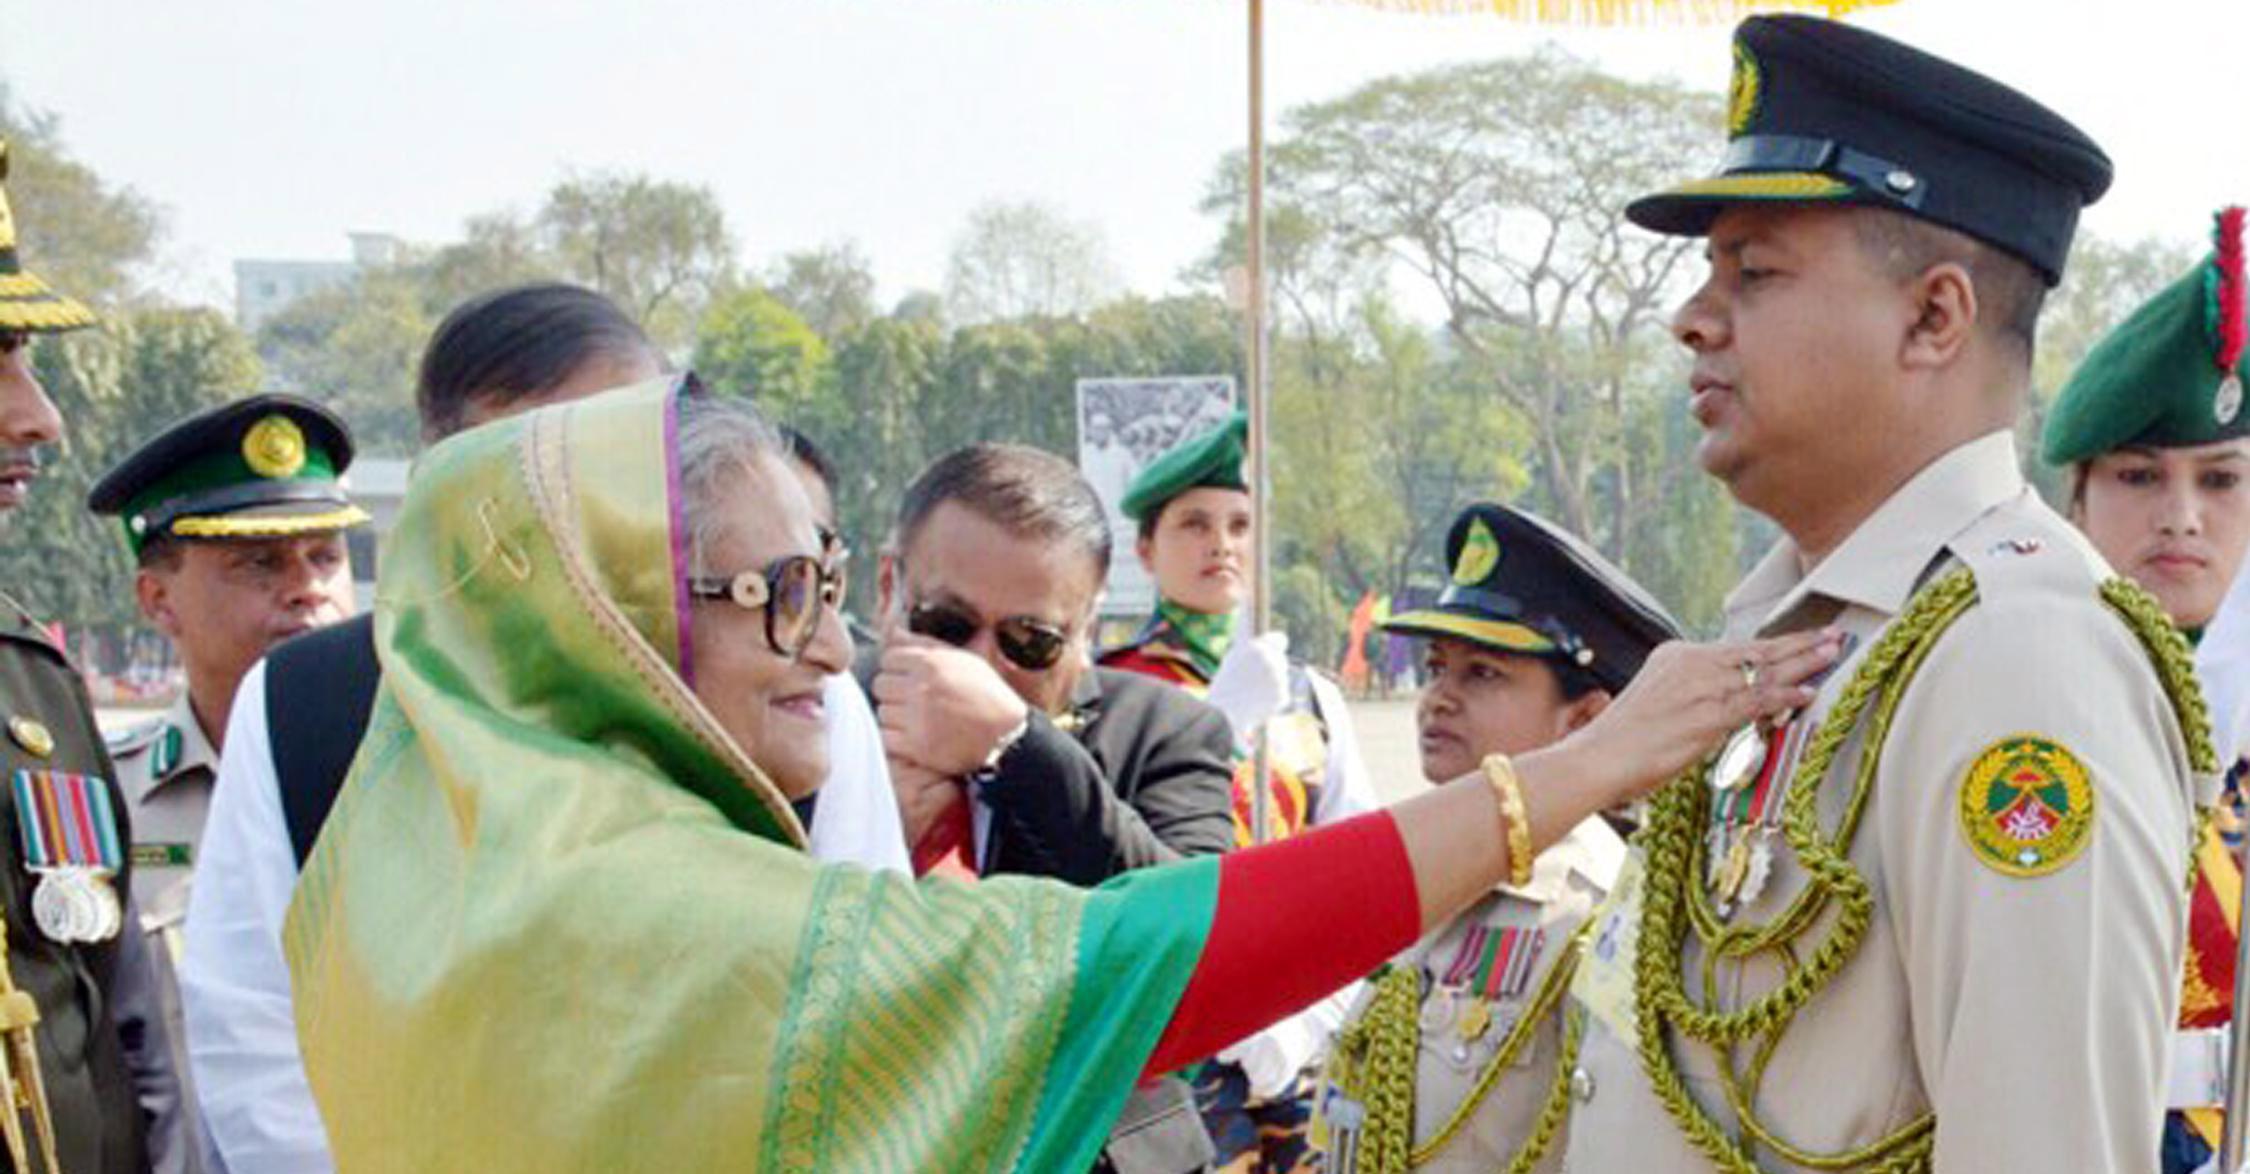 বাংলাদেশ গ্রাম প্রতিরক্ষা পদক পেলেন দেবহাটার সাহাদাত